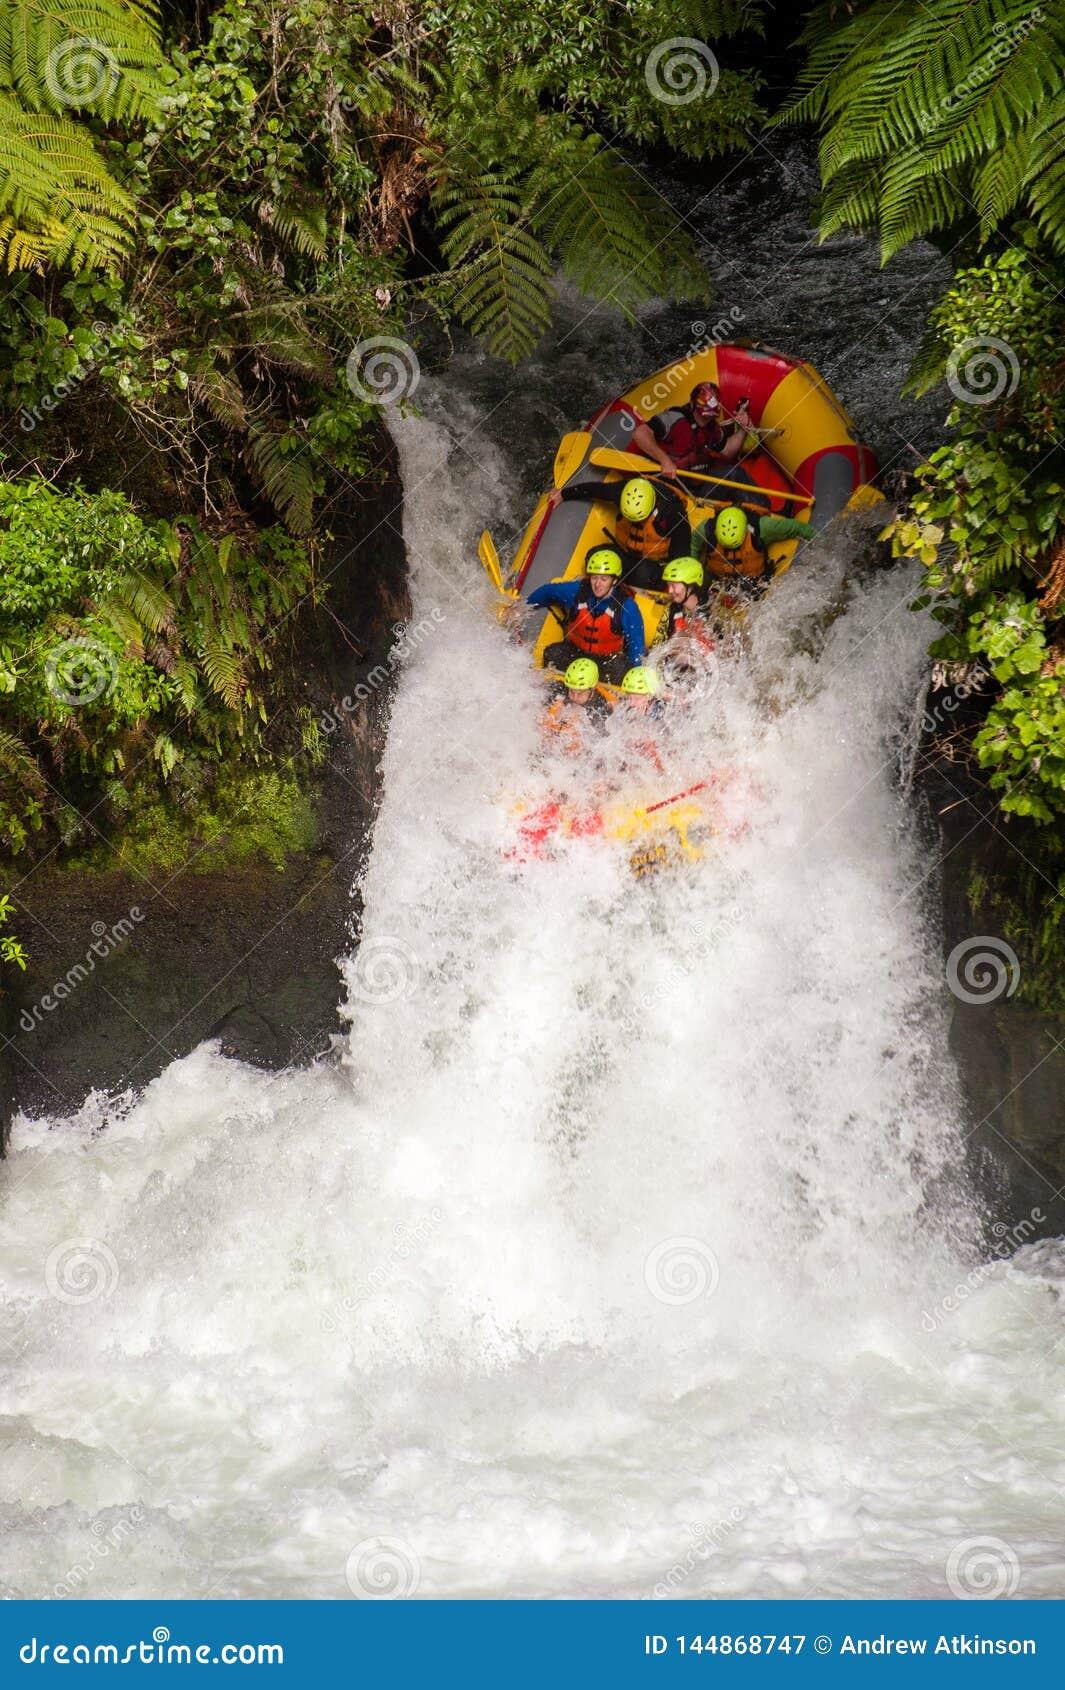 Turister kasta sig ner en vattenfall på ett vitt vatten som rafting kurs på Kaituna kaskader i Rotorua Nya Zeeland